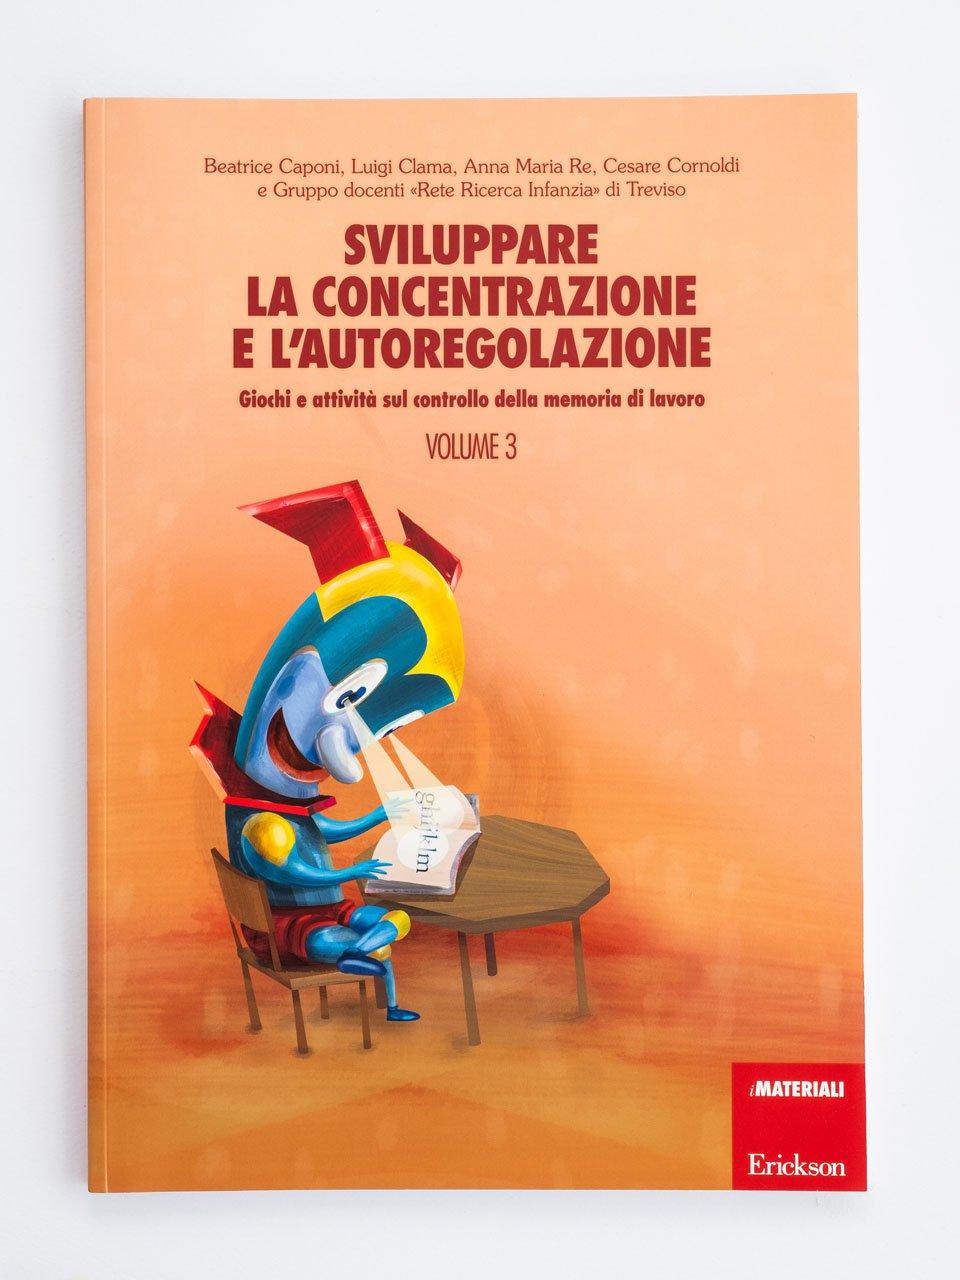 Sviluppare la concentrazione e l'autoregolazione - Volume 3 - Un'offerta completa di libri e corsi di formazione sul Disturbo da Deficit di Attenzione e Iperattività nei bambini. Scopri sul sito